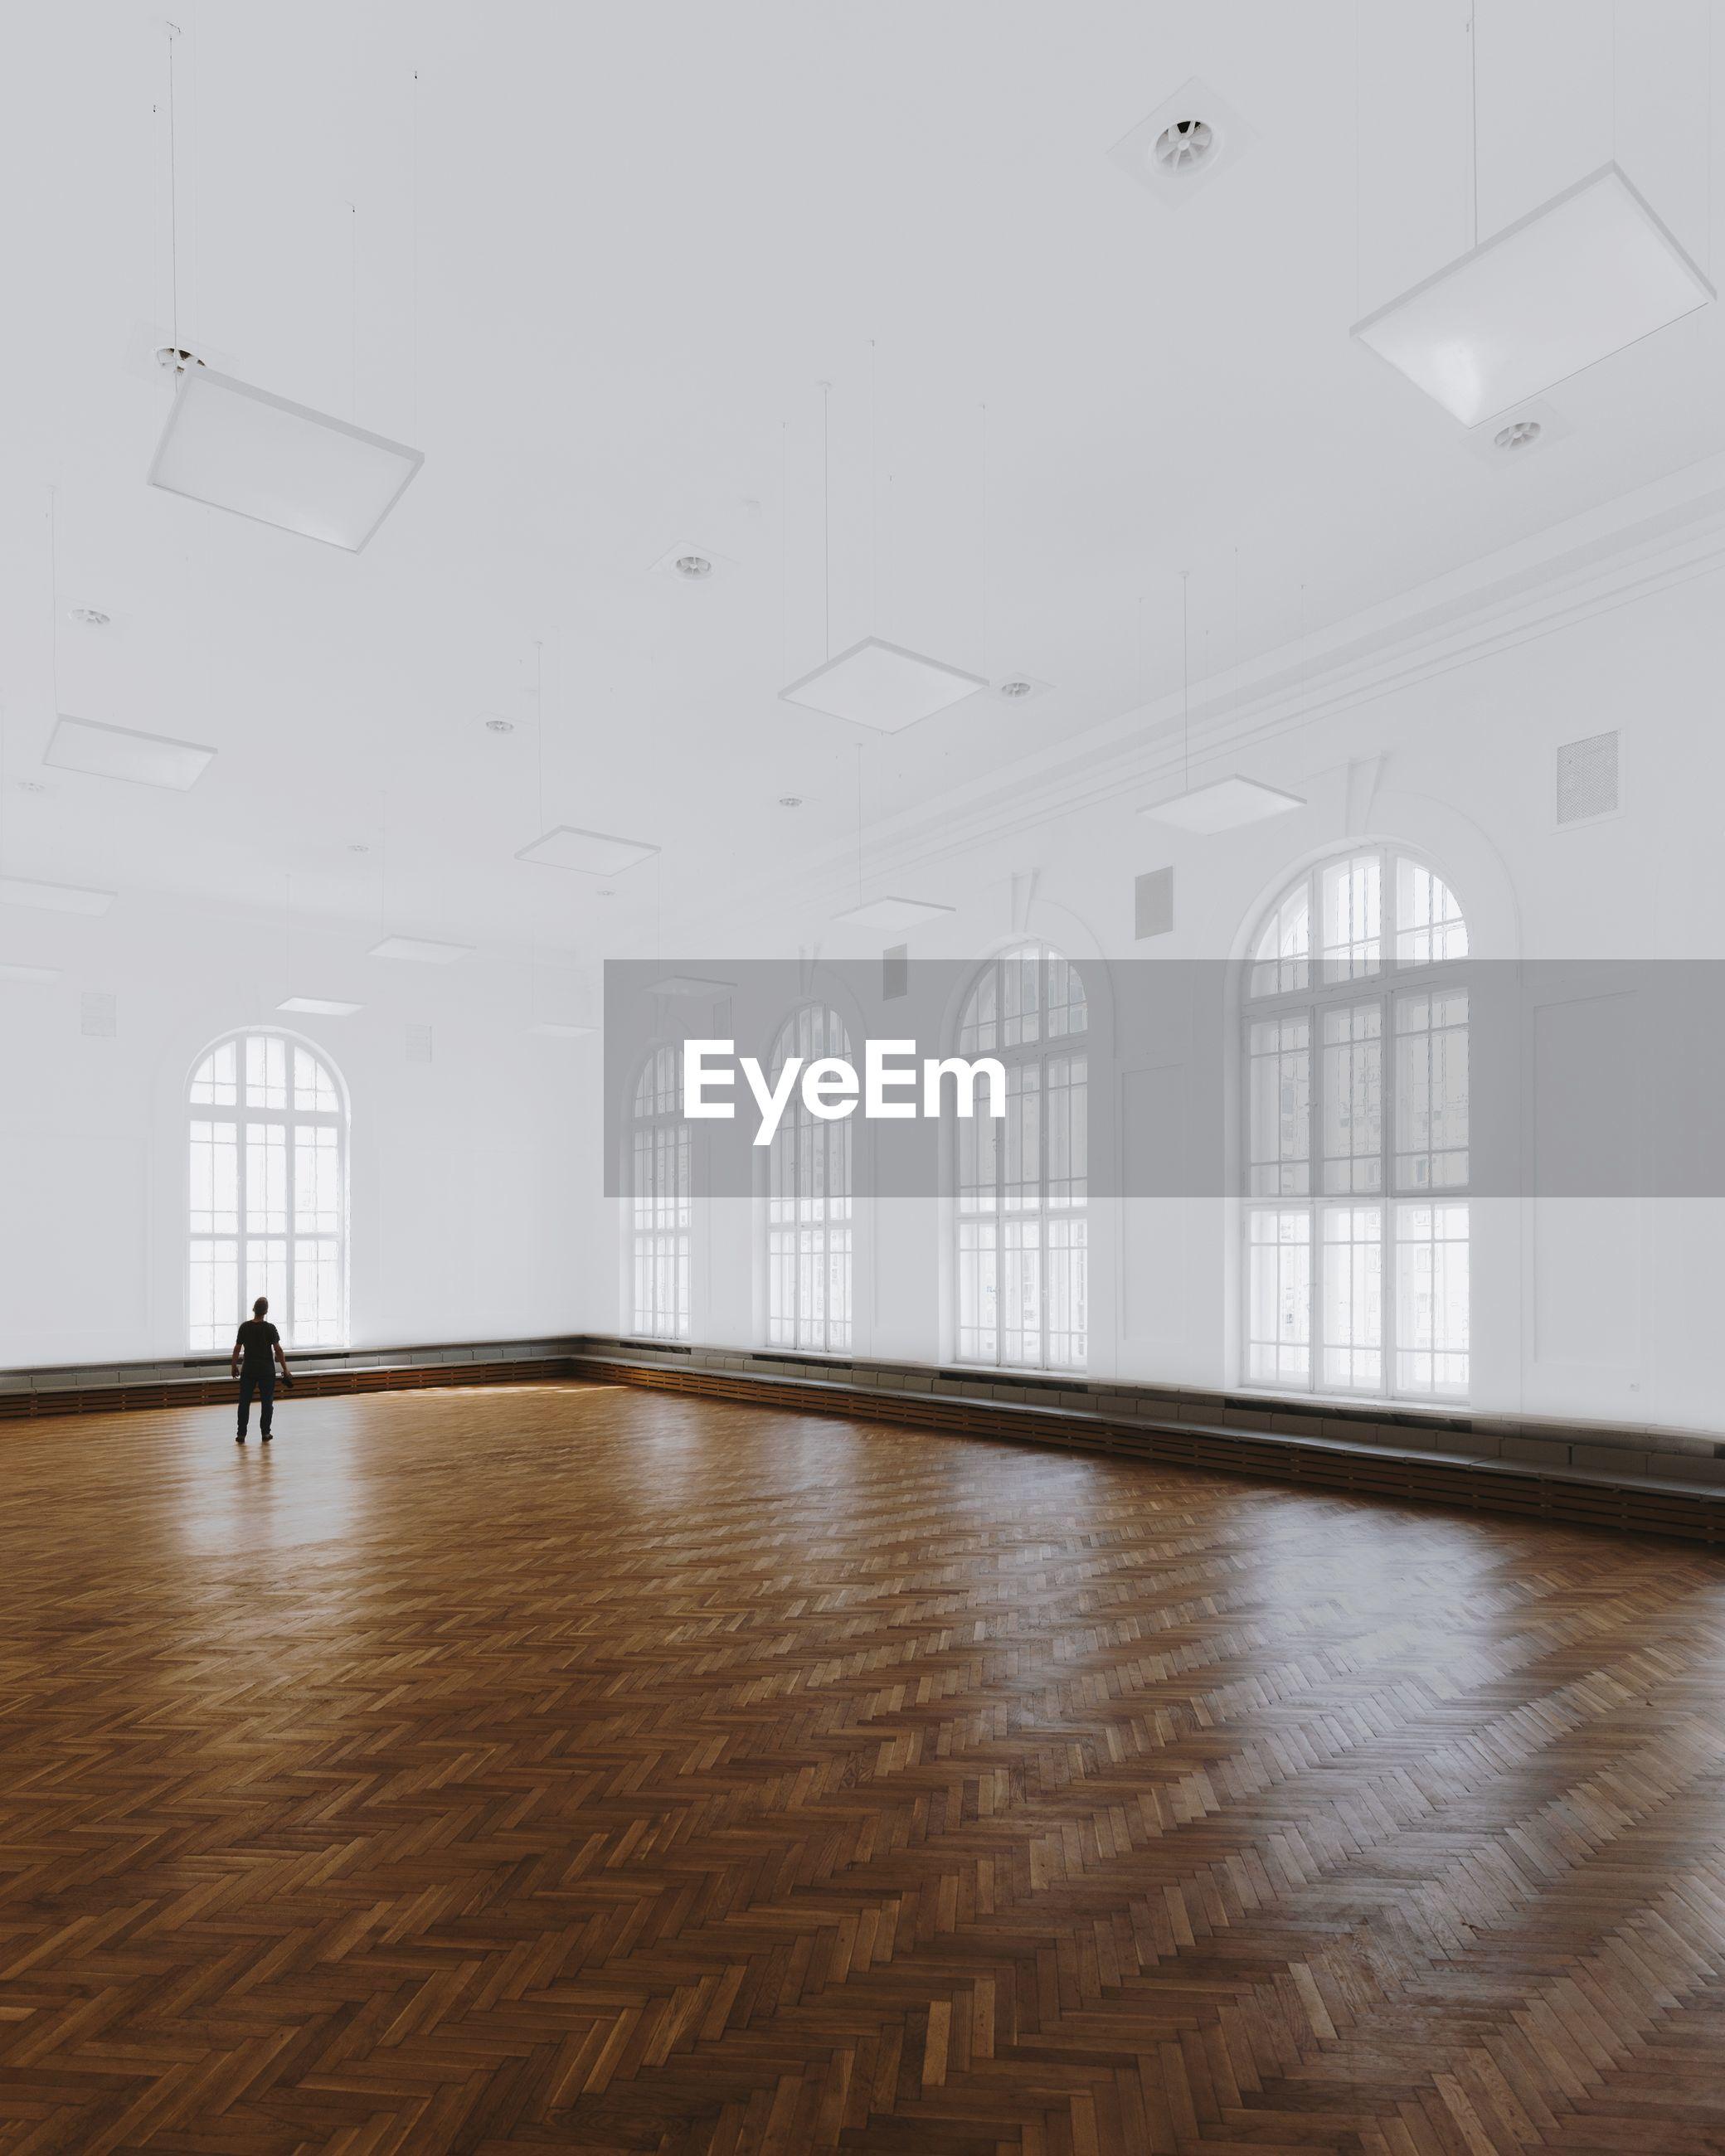 Rear view of man standing on hardwood floor